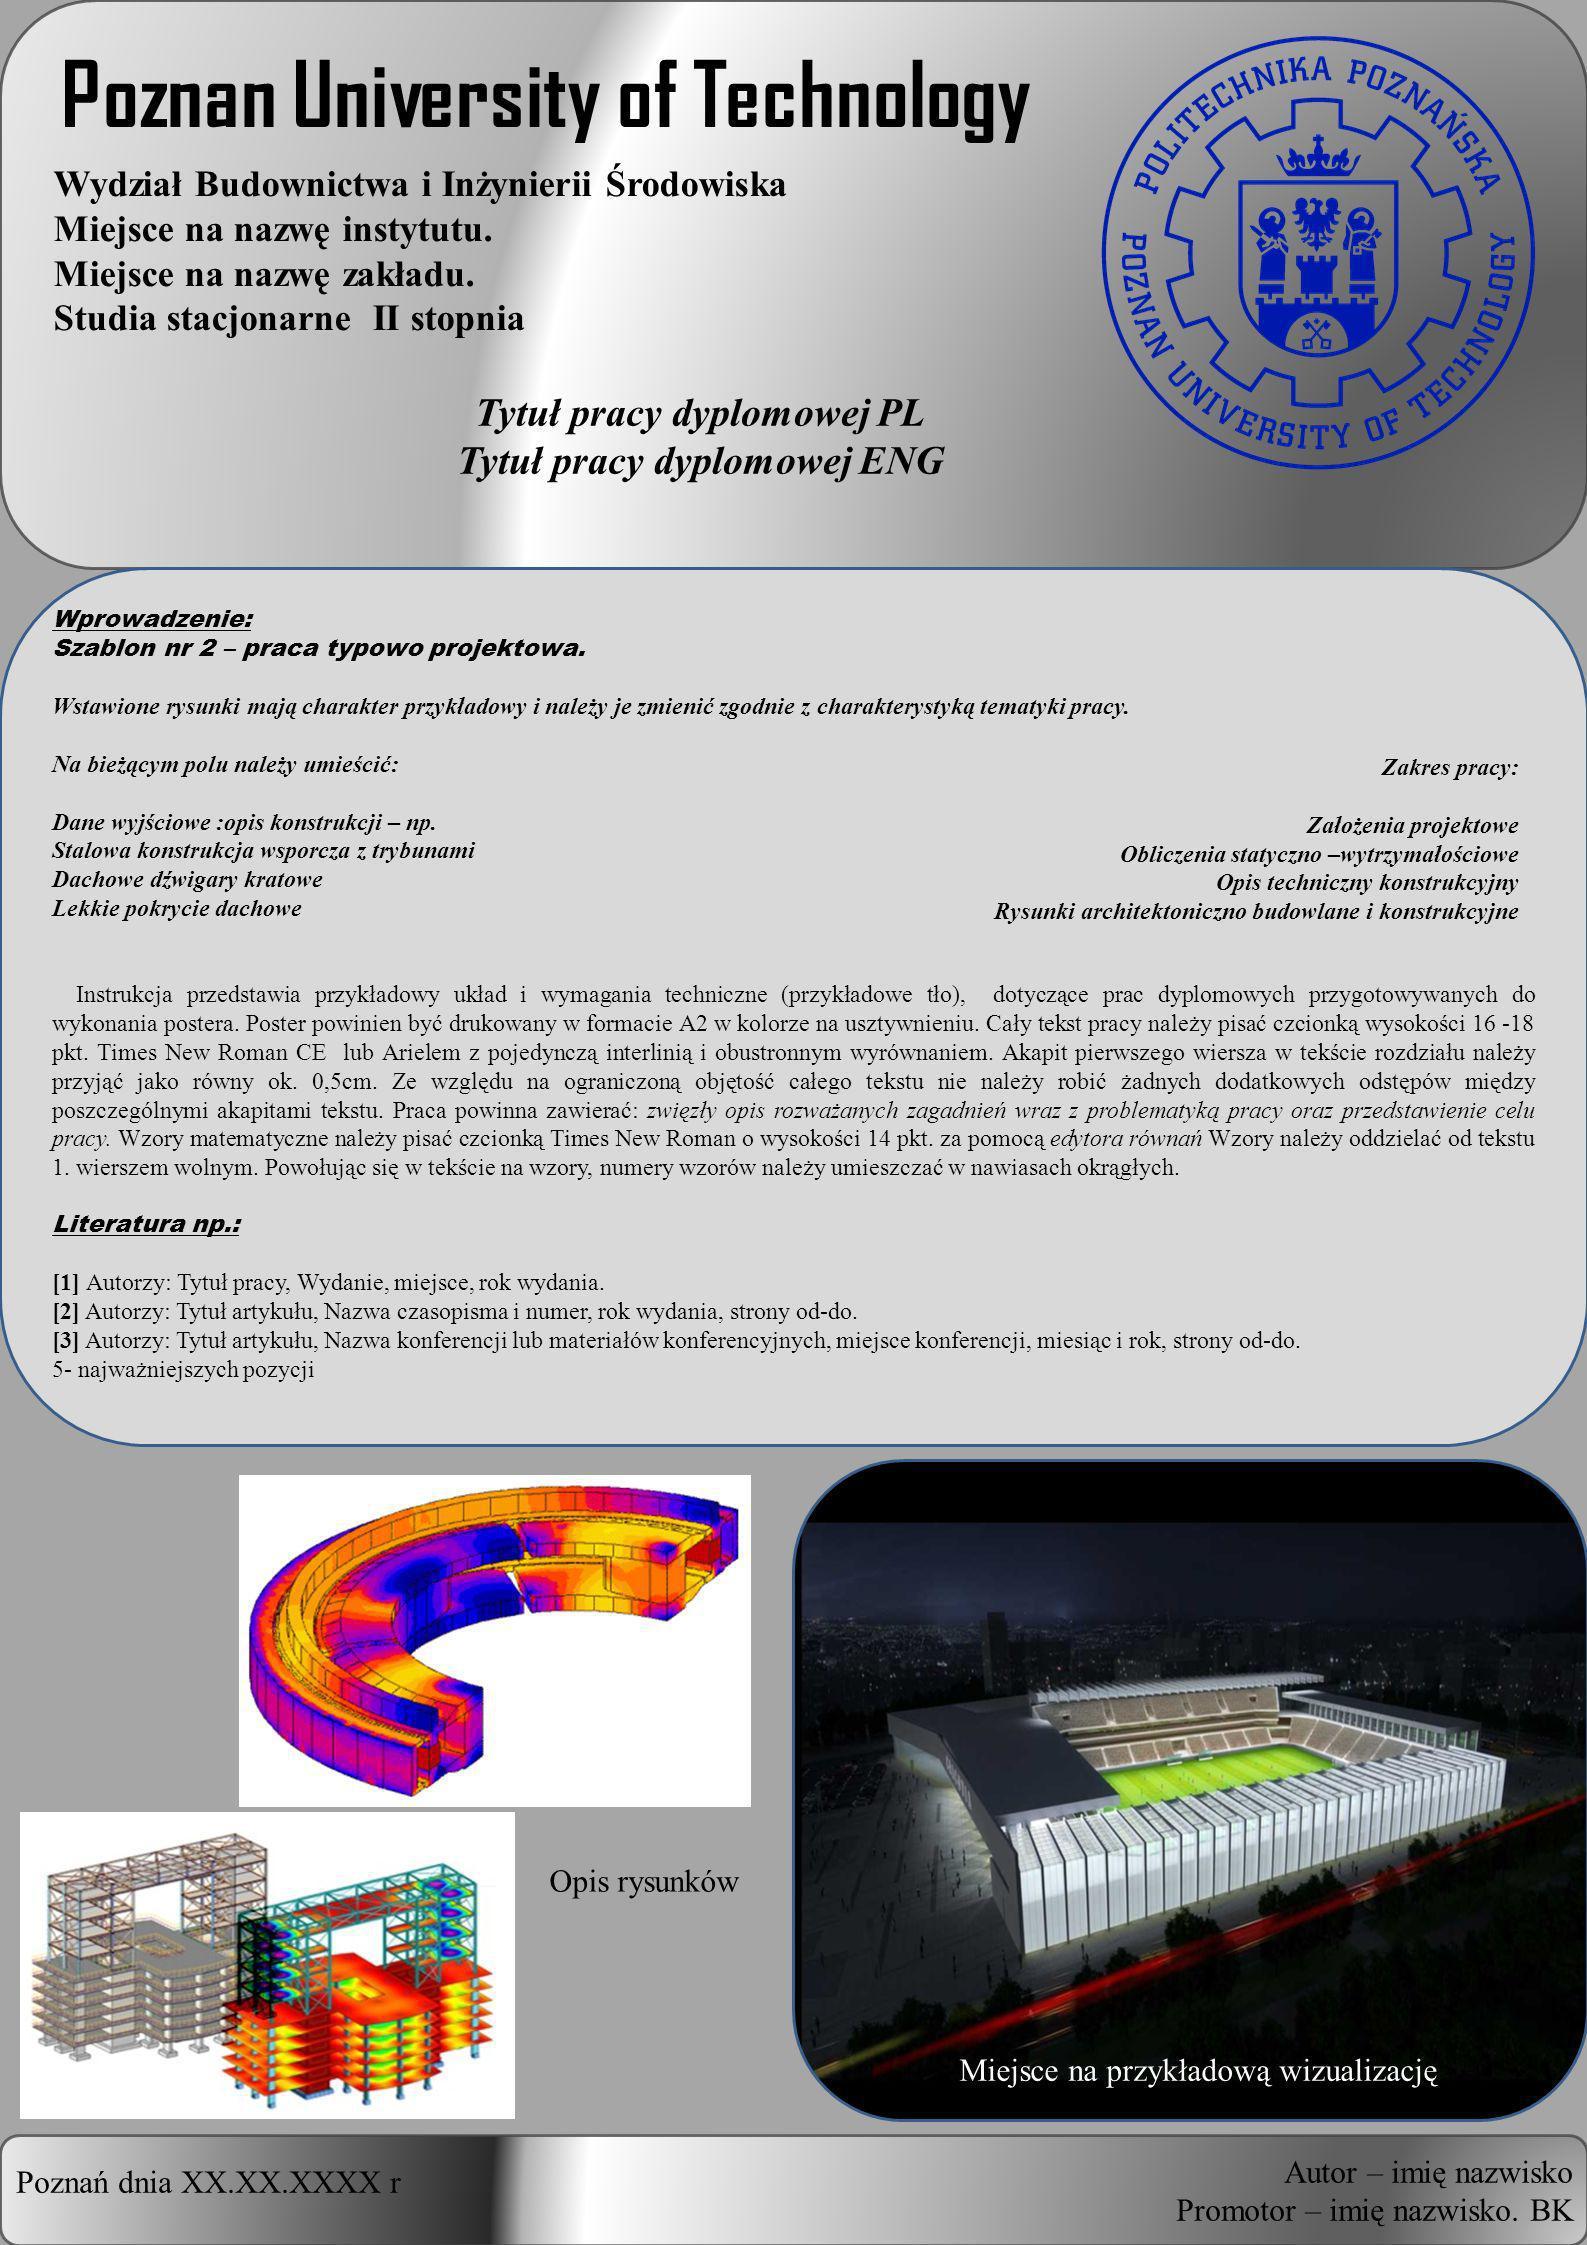 Tytuł pracy inżynierskiej PL Tytuł pracy inżynierskiej ENG